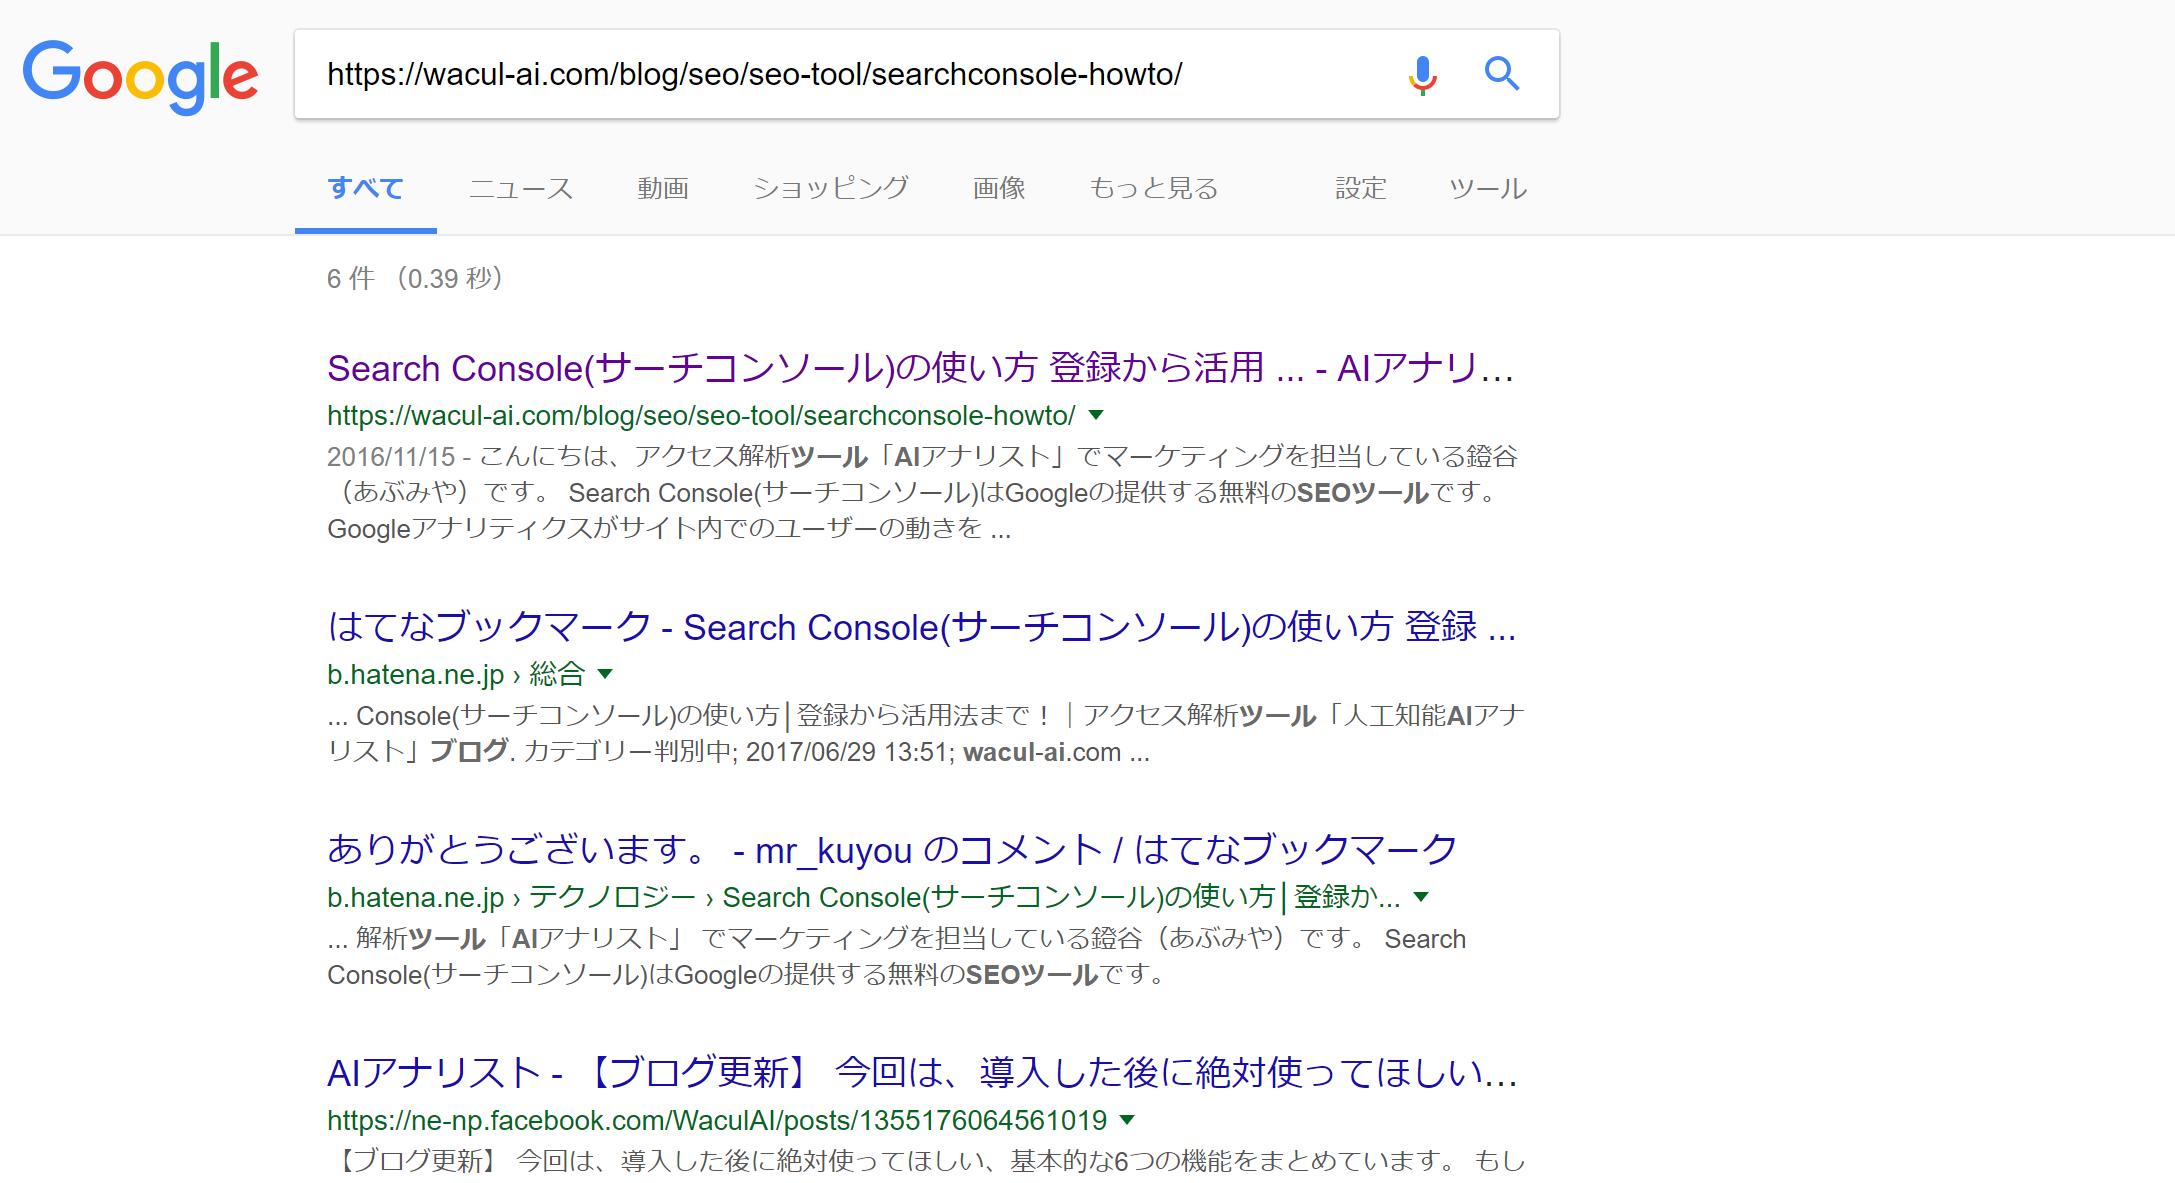 確認したいURLを入力して検索